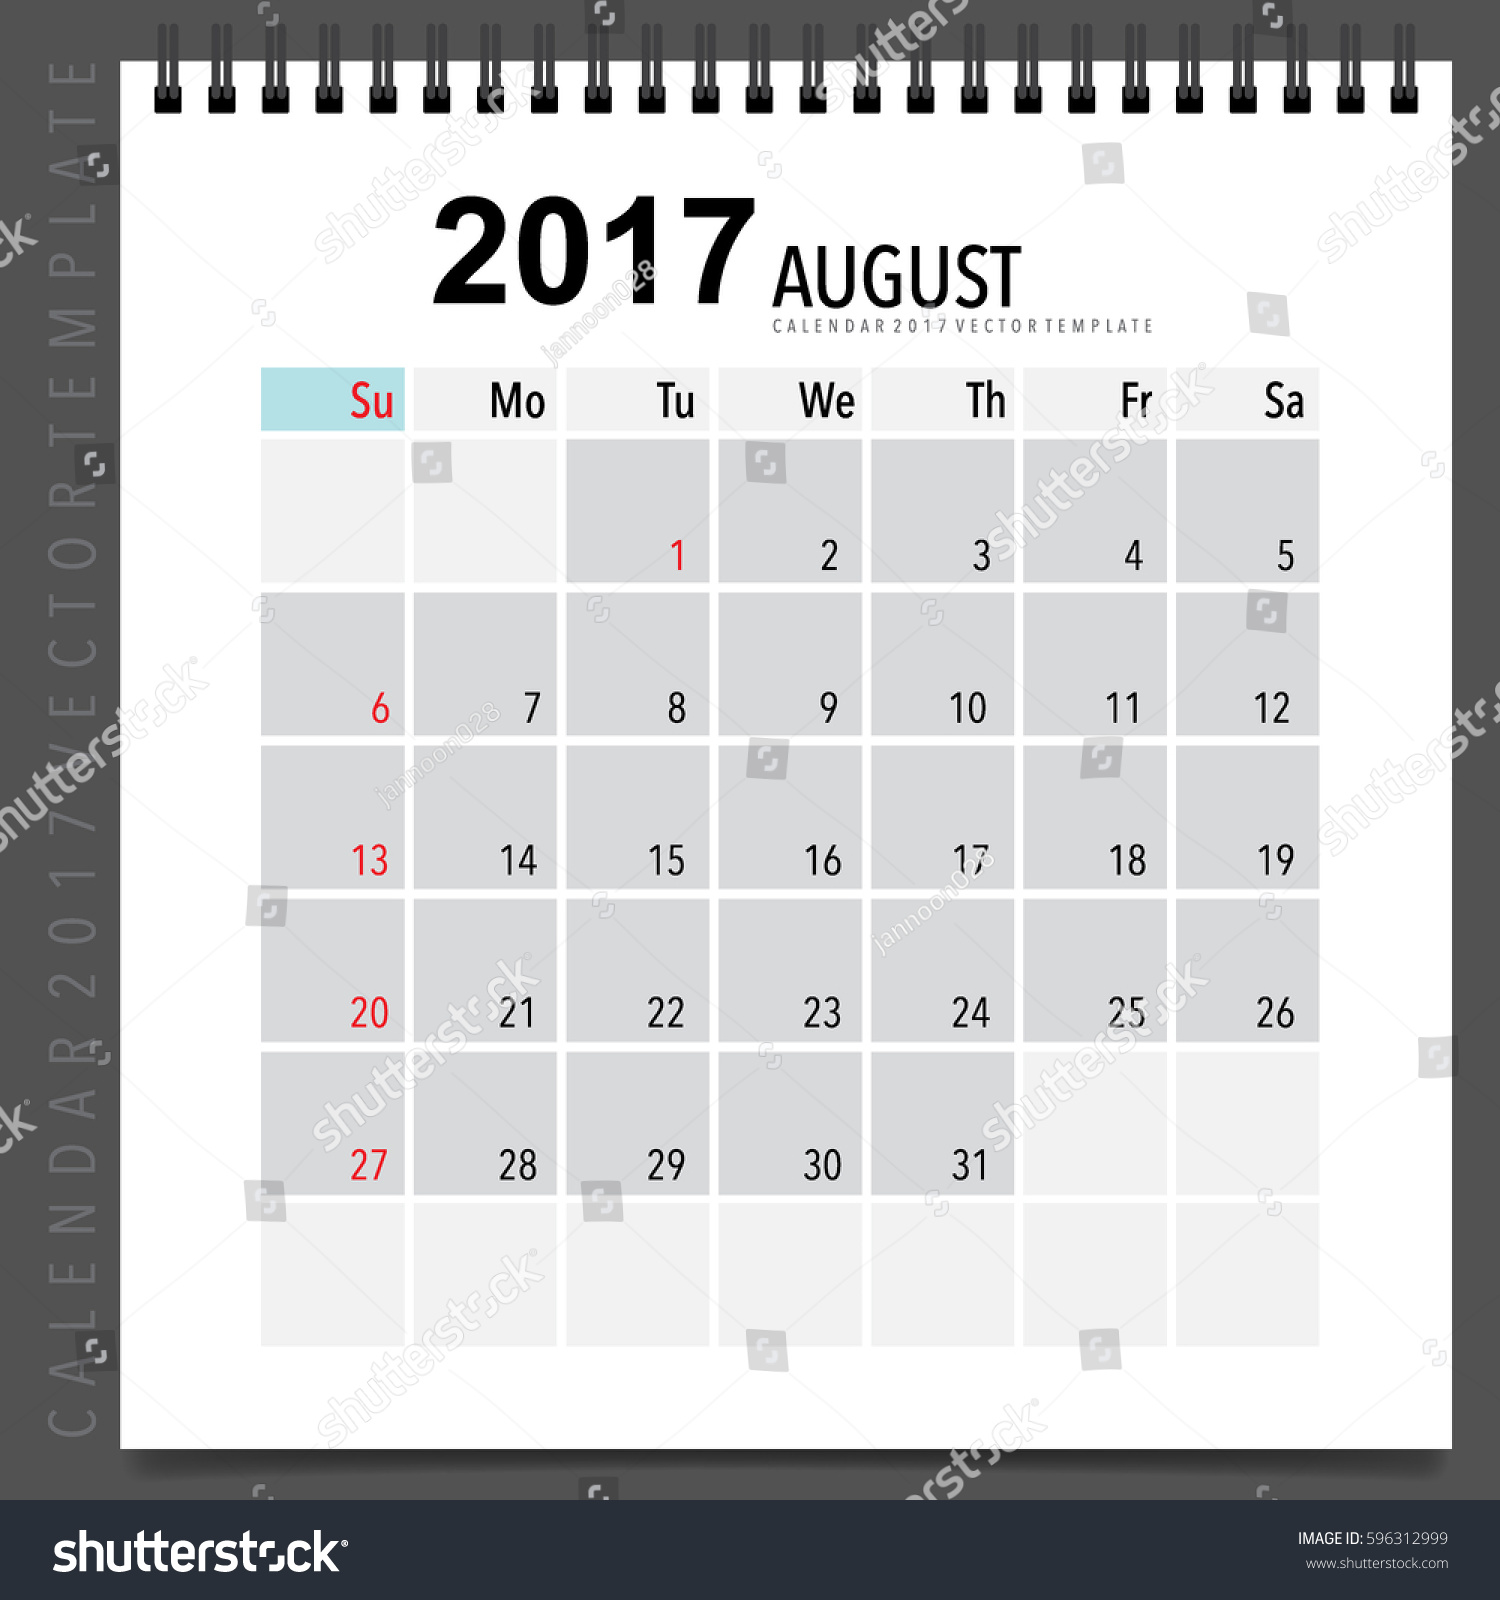 august calendar template